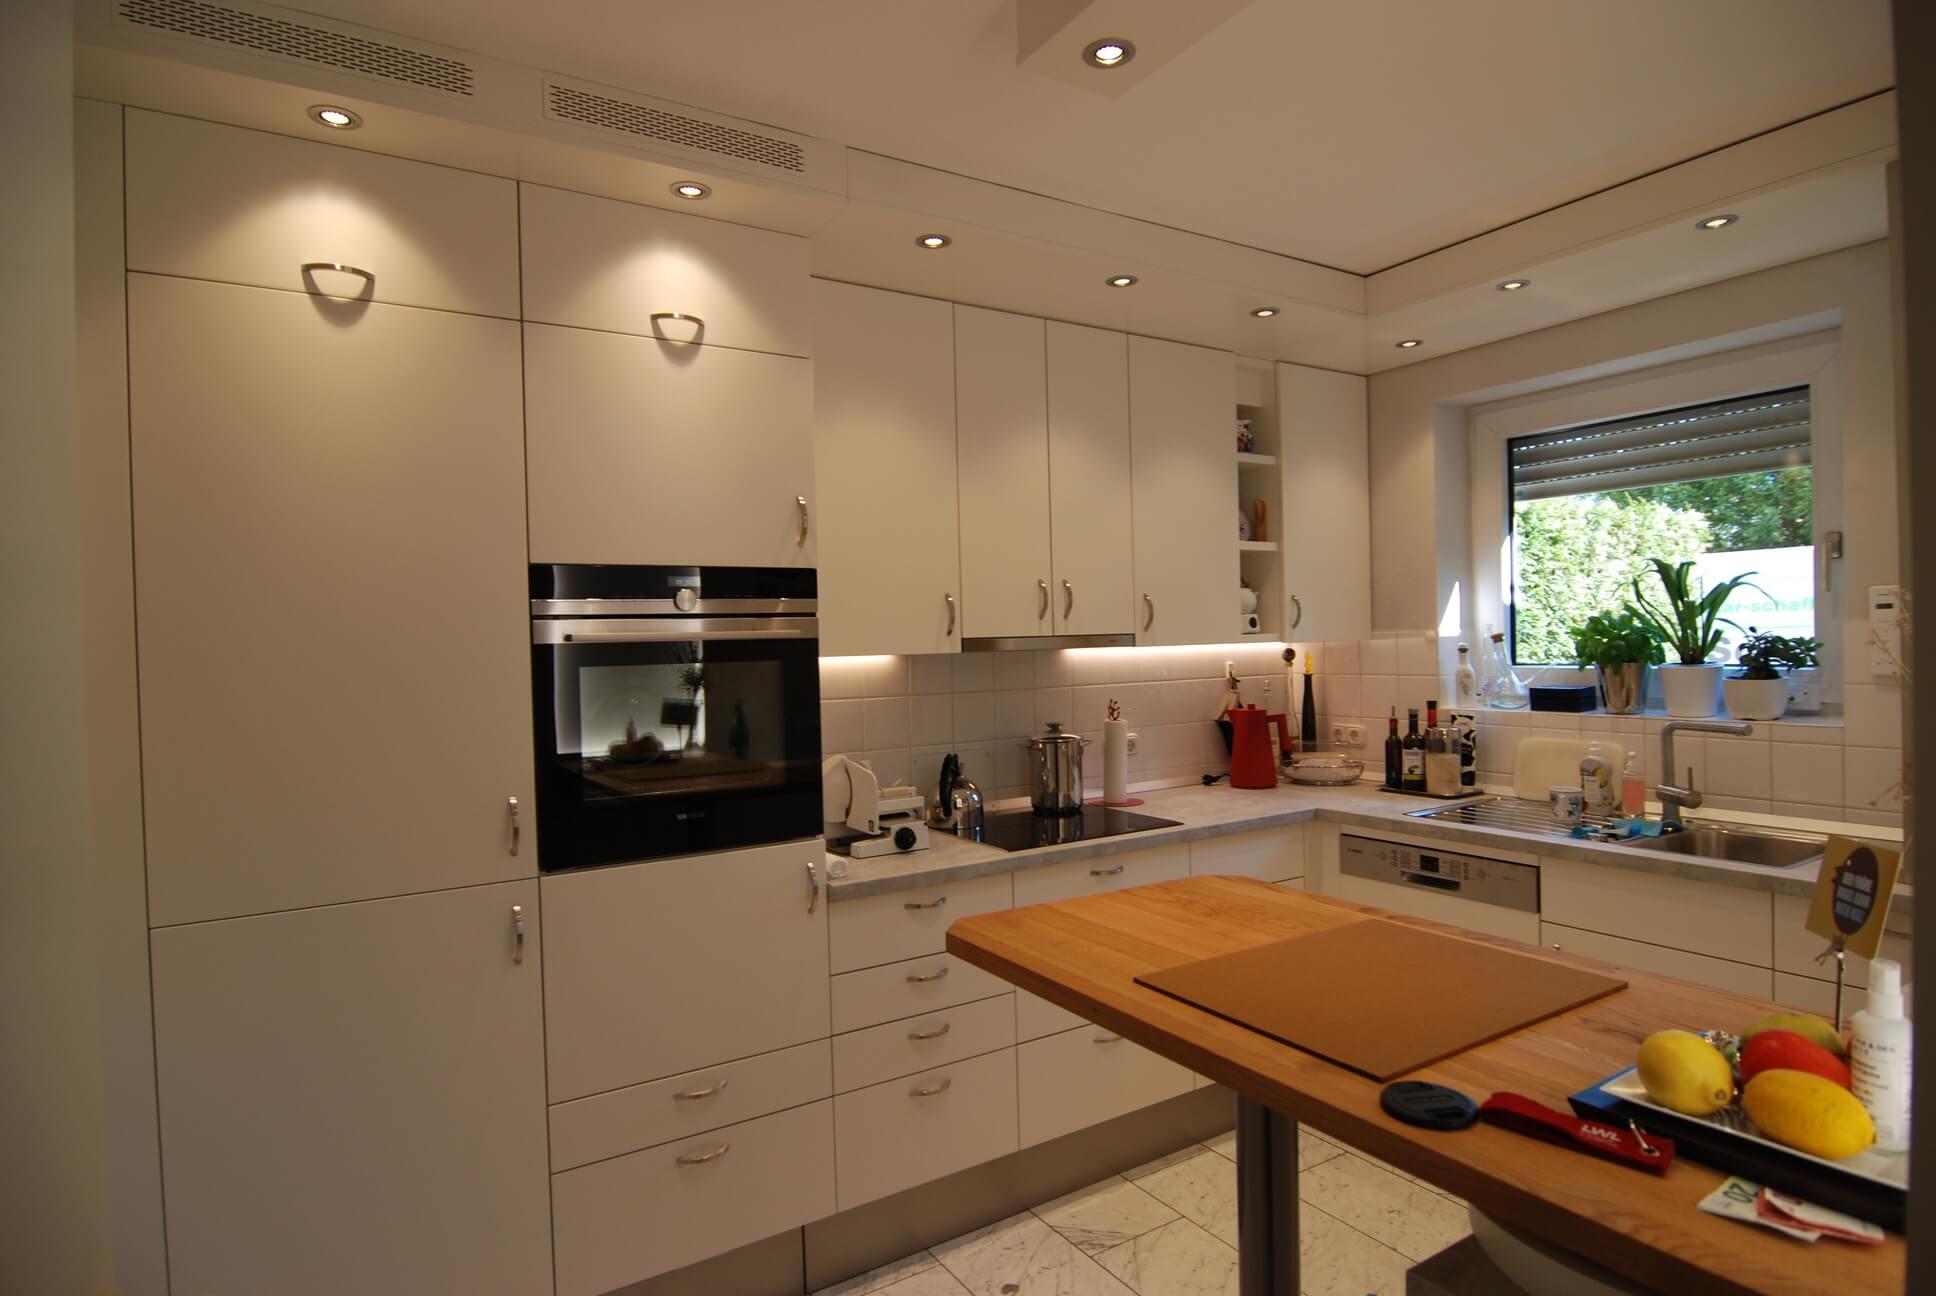 Küchenumbau mit vorhandenen Möbeln